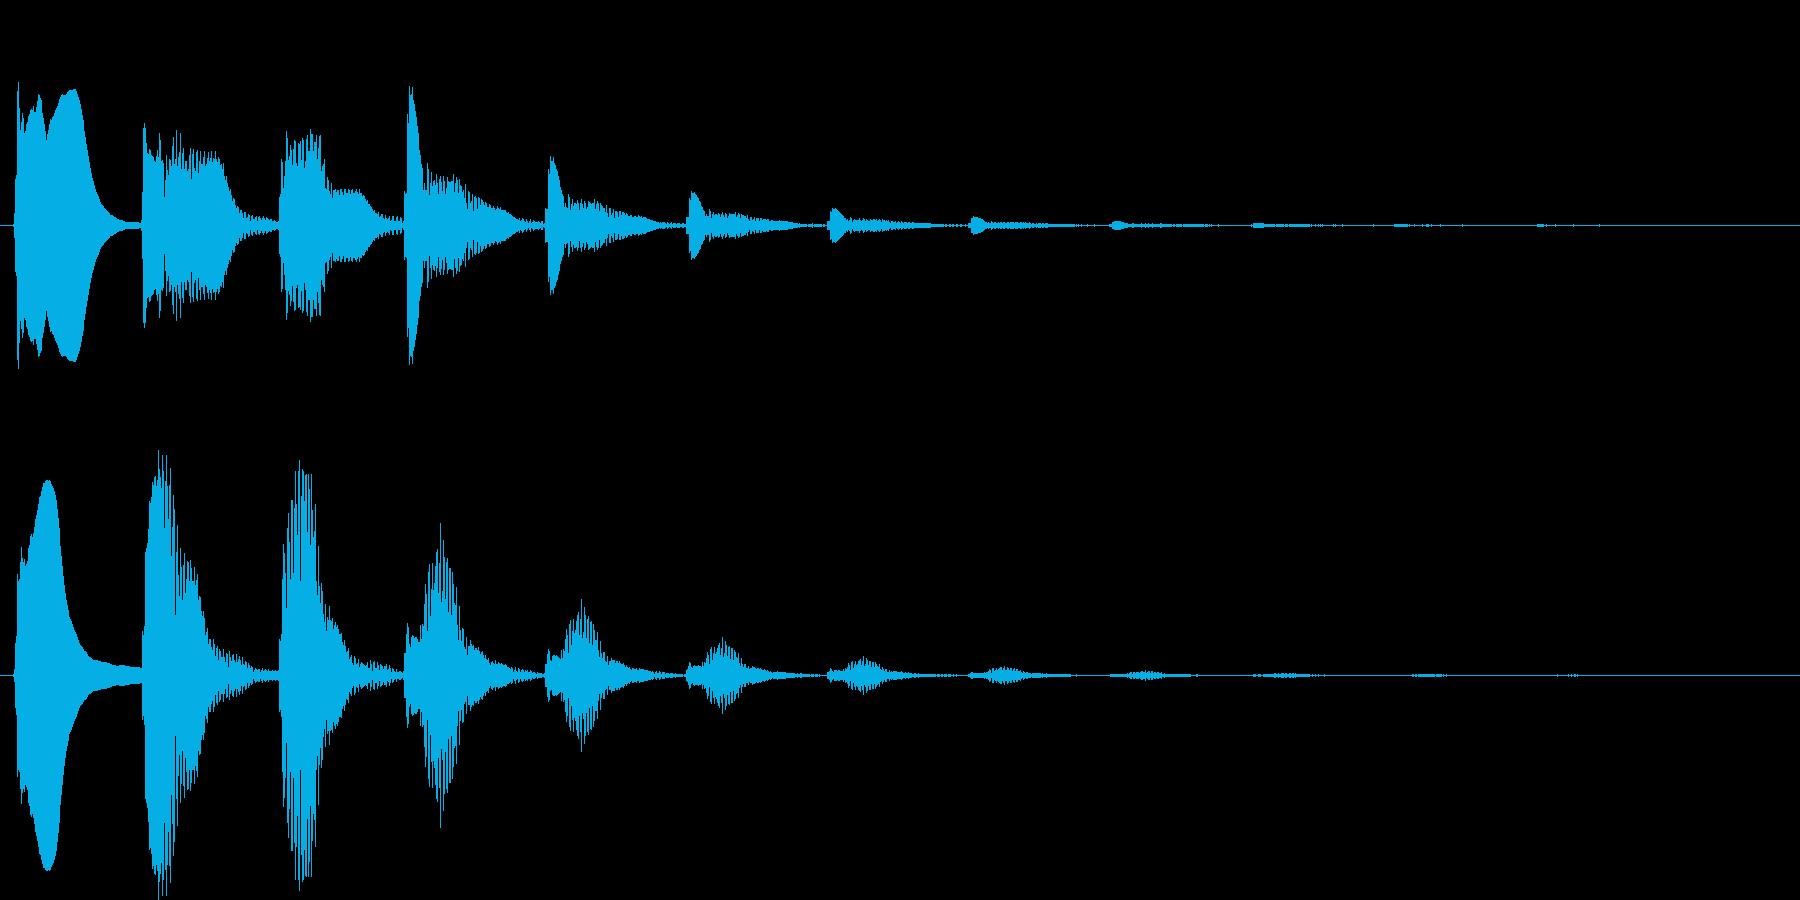 不思議な場面の再生済みの波形